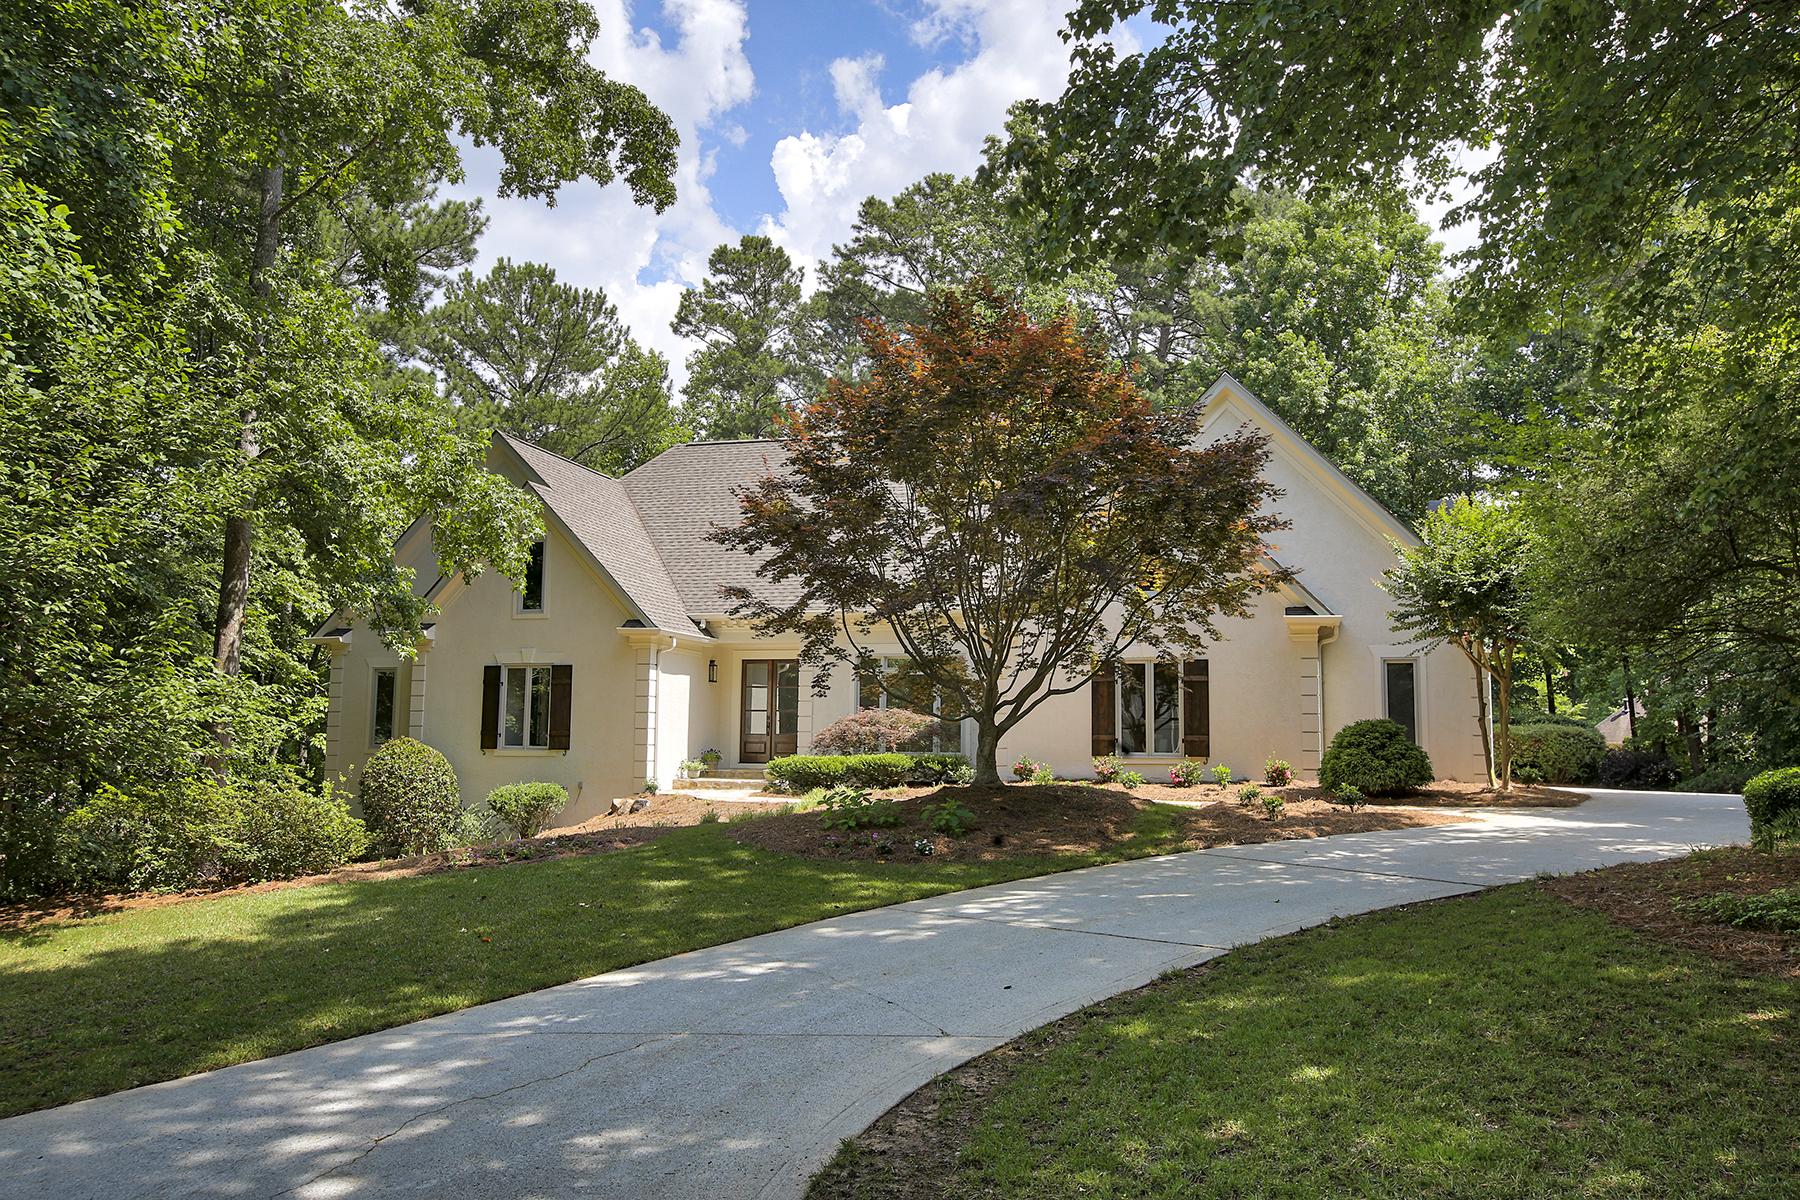 단독 가정 주택 용 매매 에 Beautifully Remodeled Luxury Ranch In Country Club Of The South On Private Lot 4395 Old Wesleyan Woods Johns Creek, 조지아 30022 미국